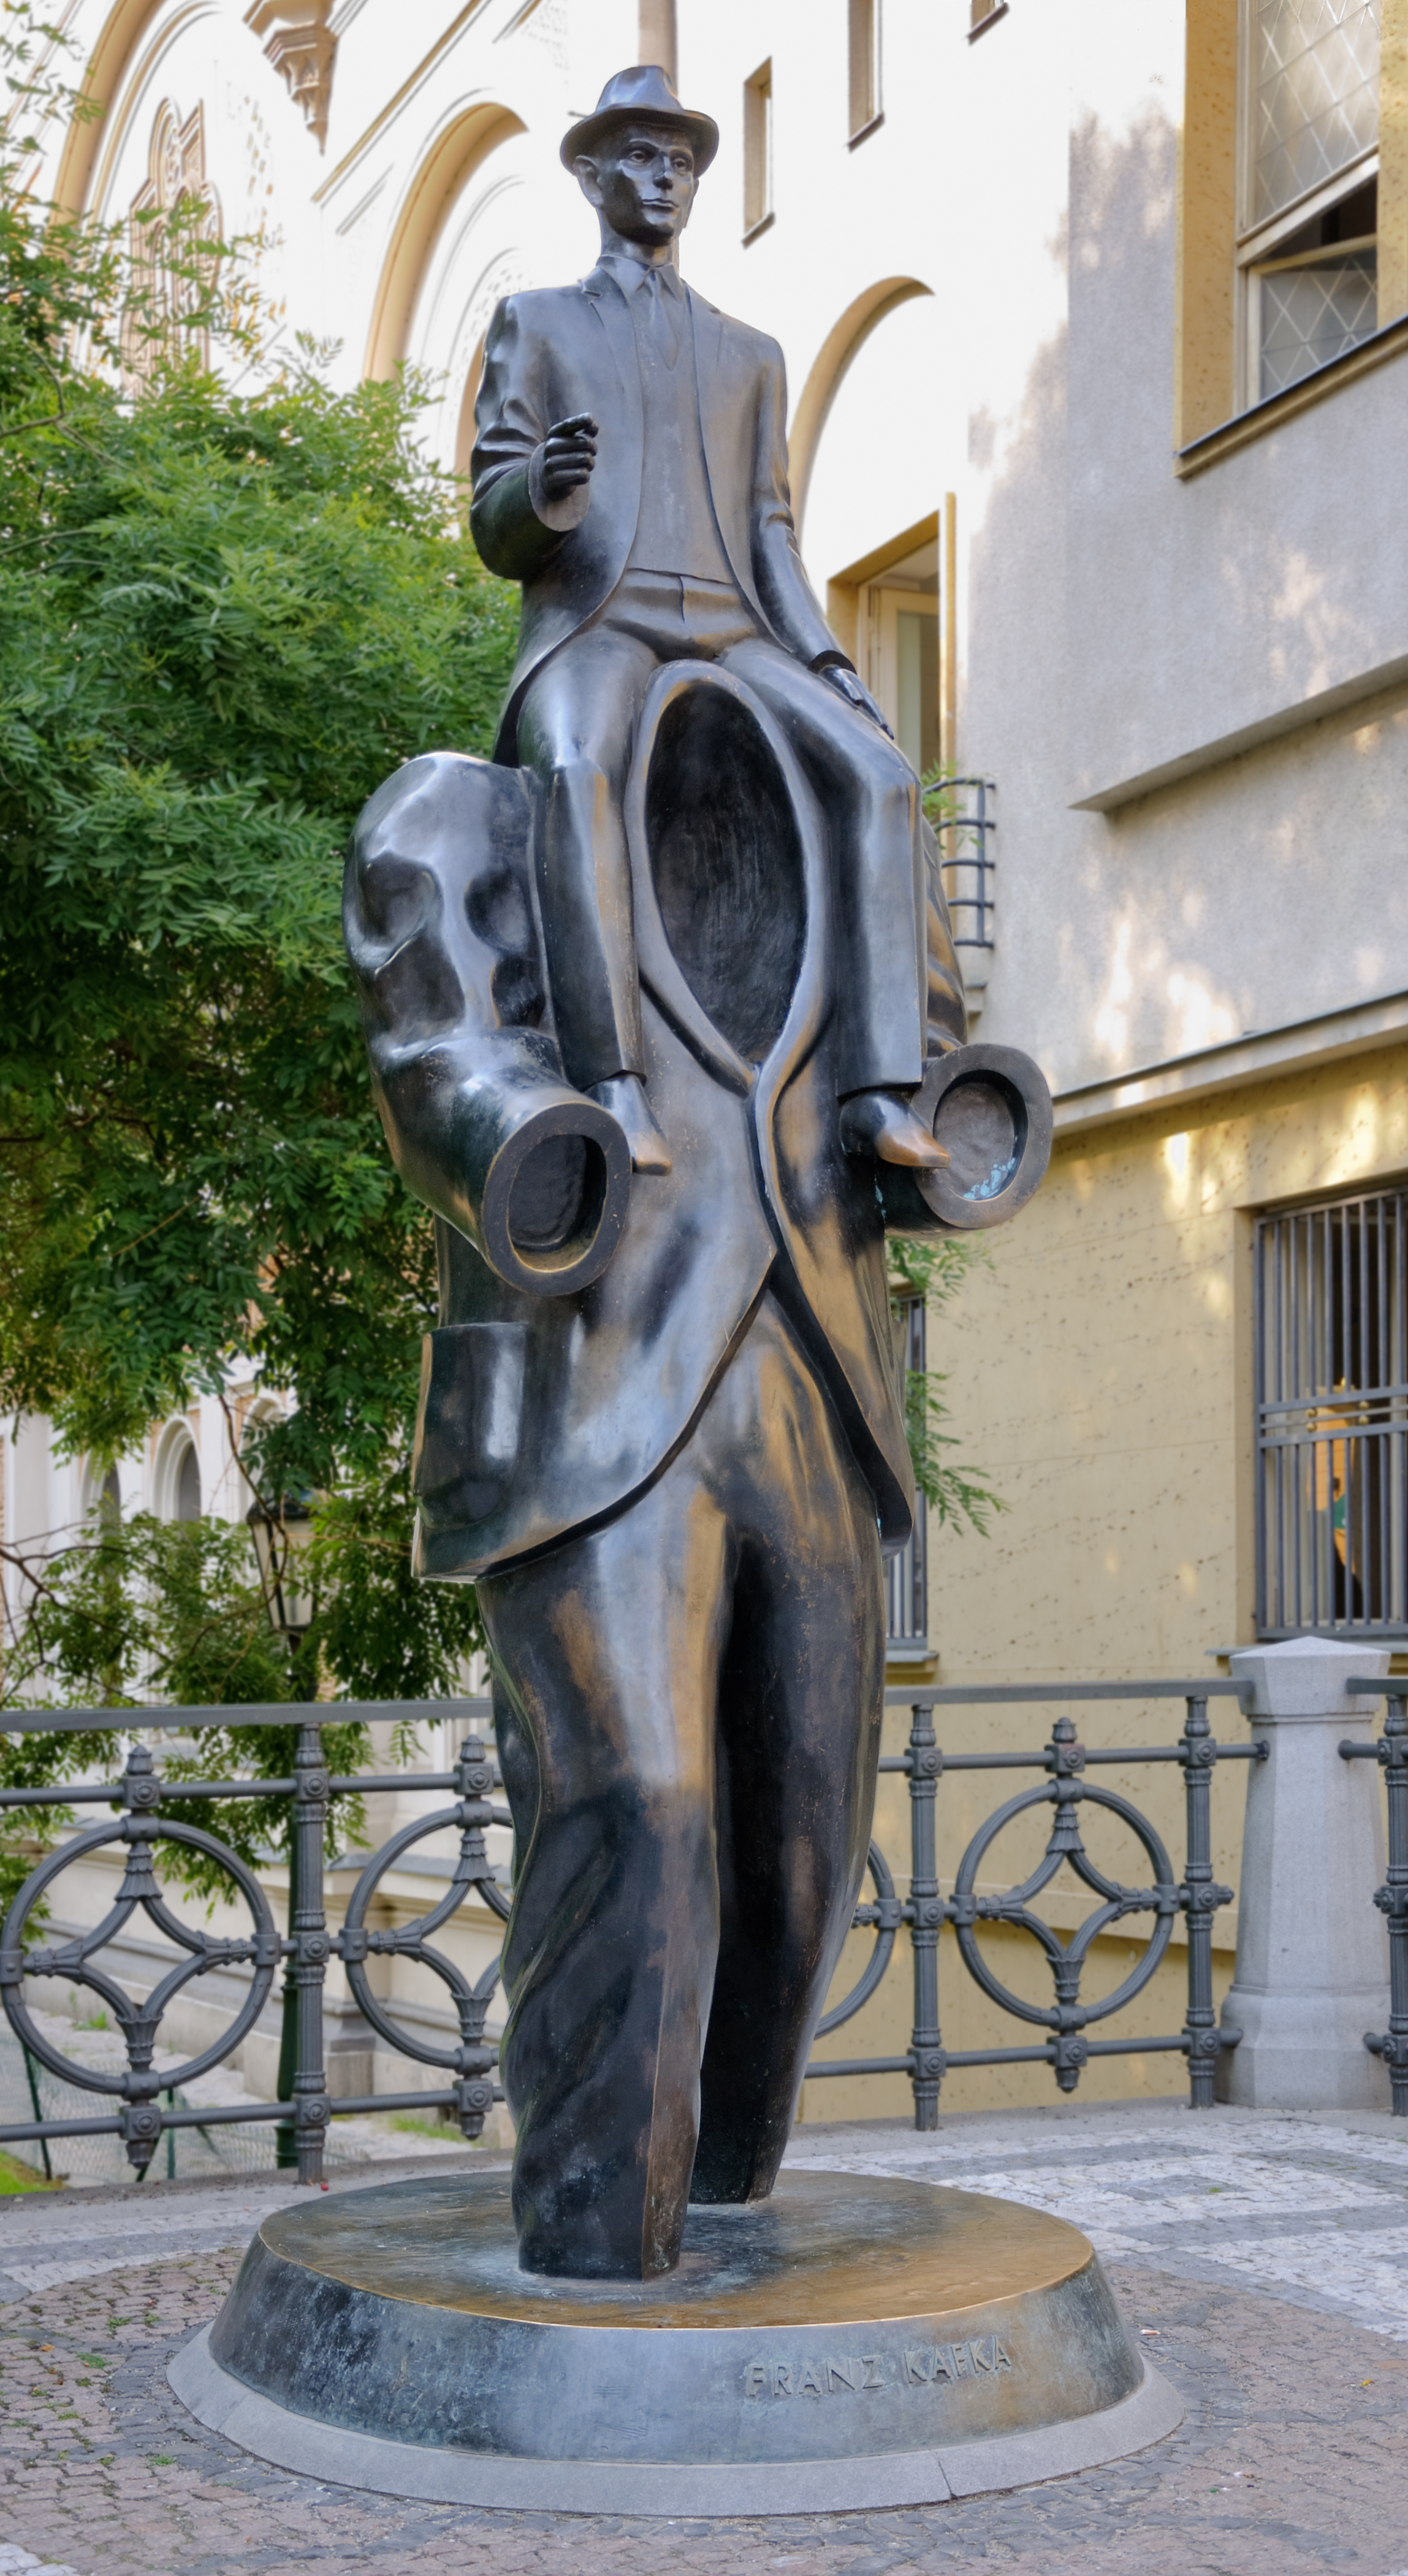 Estatua de bronce dedicada a Franz Kafka en Praga.